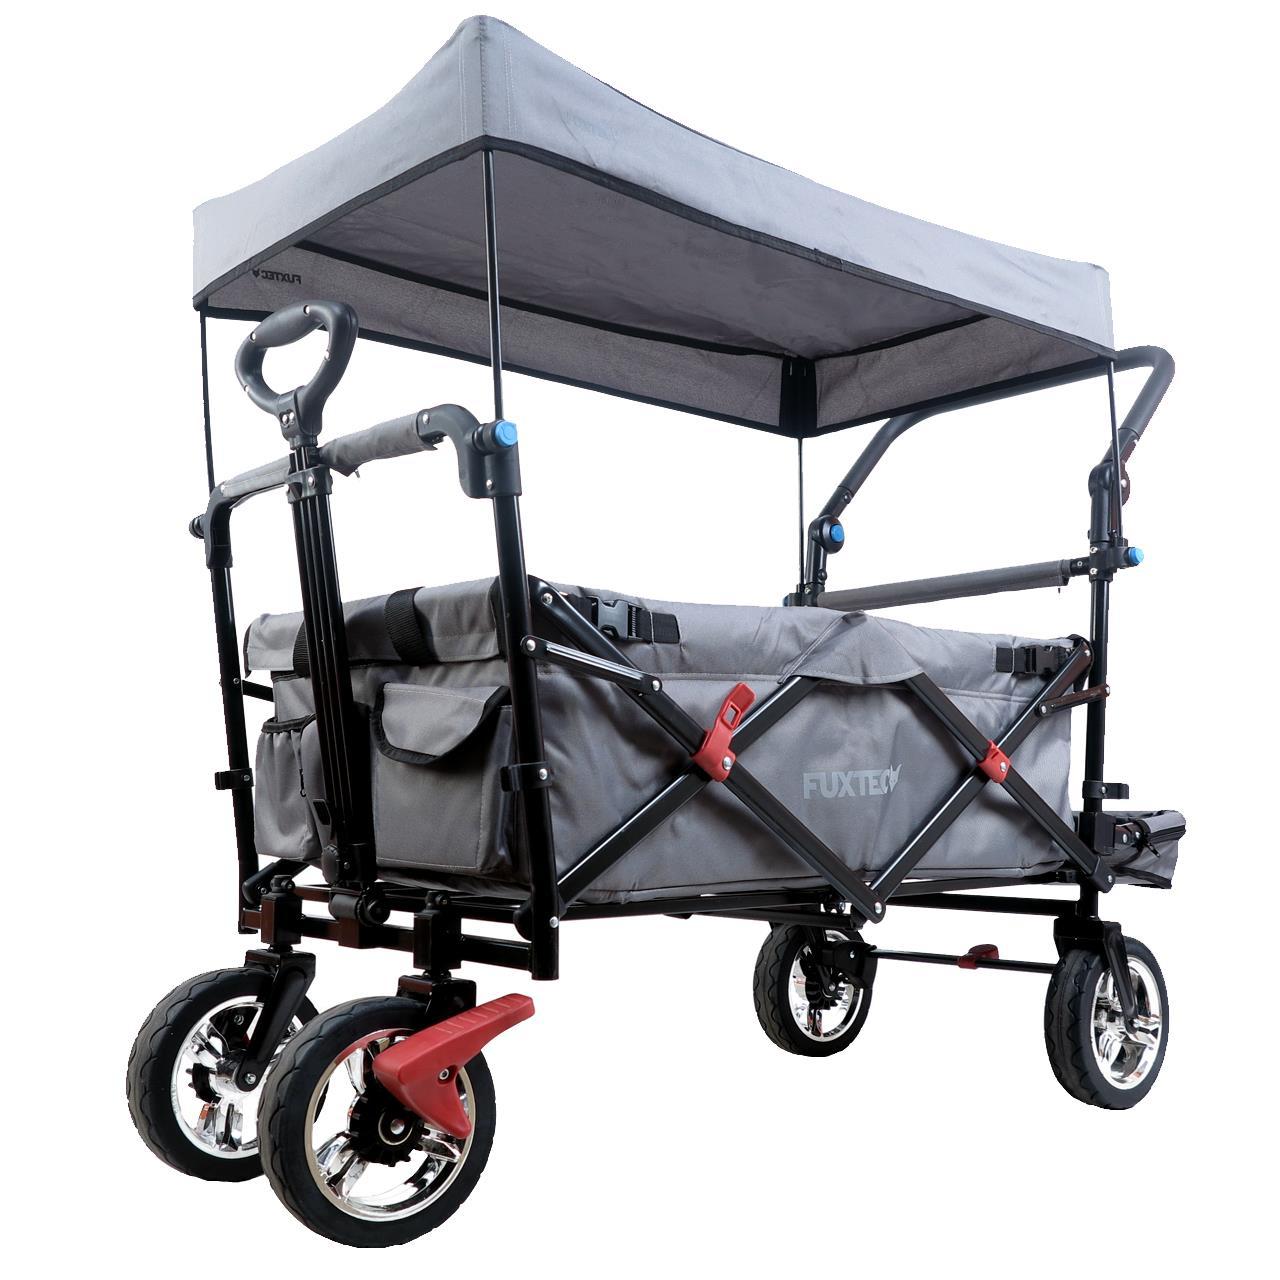 (online @FUXTEC) Bollerwagen FX-CT800 als B-Ware mit UV-geschütztem Sonnendach,Schiebegriff & Innenraumverlängerung - 109€